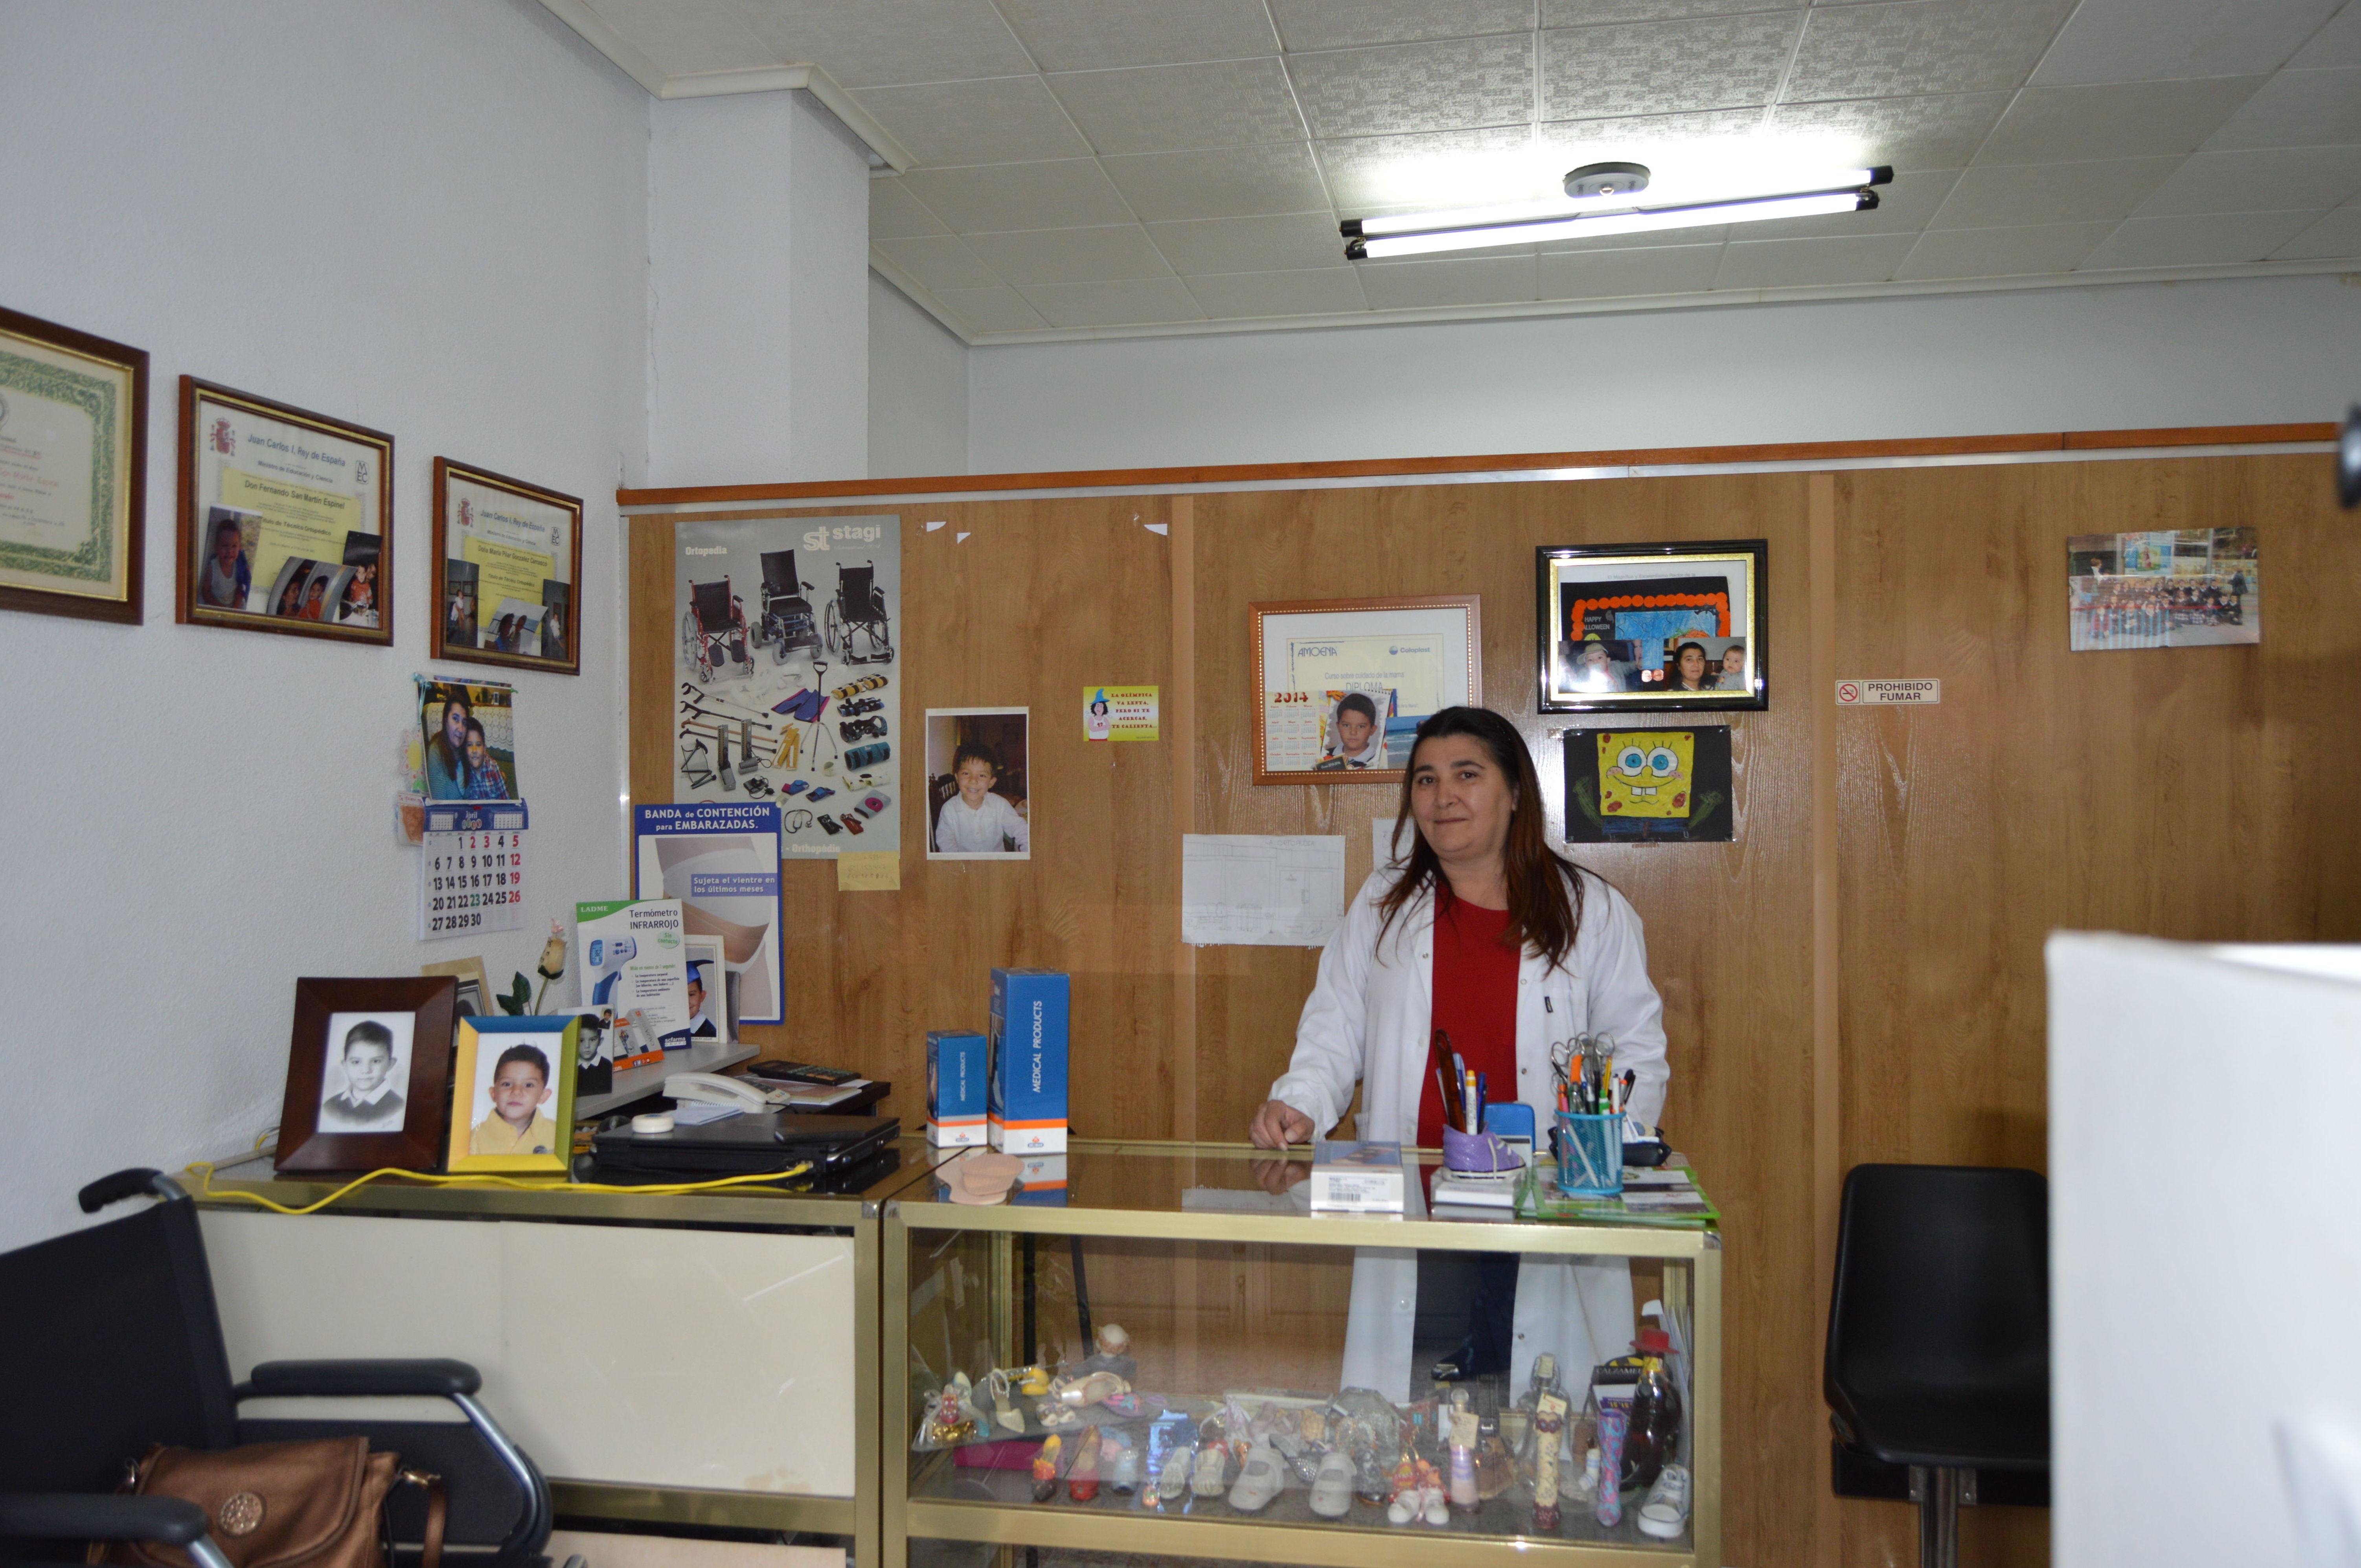 Ortopedia Orto-lar Móstoles